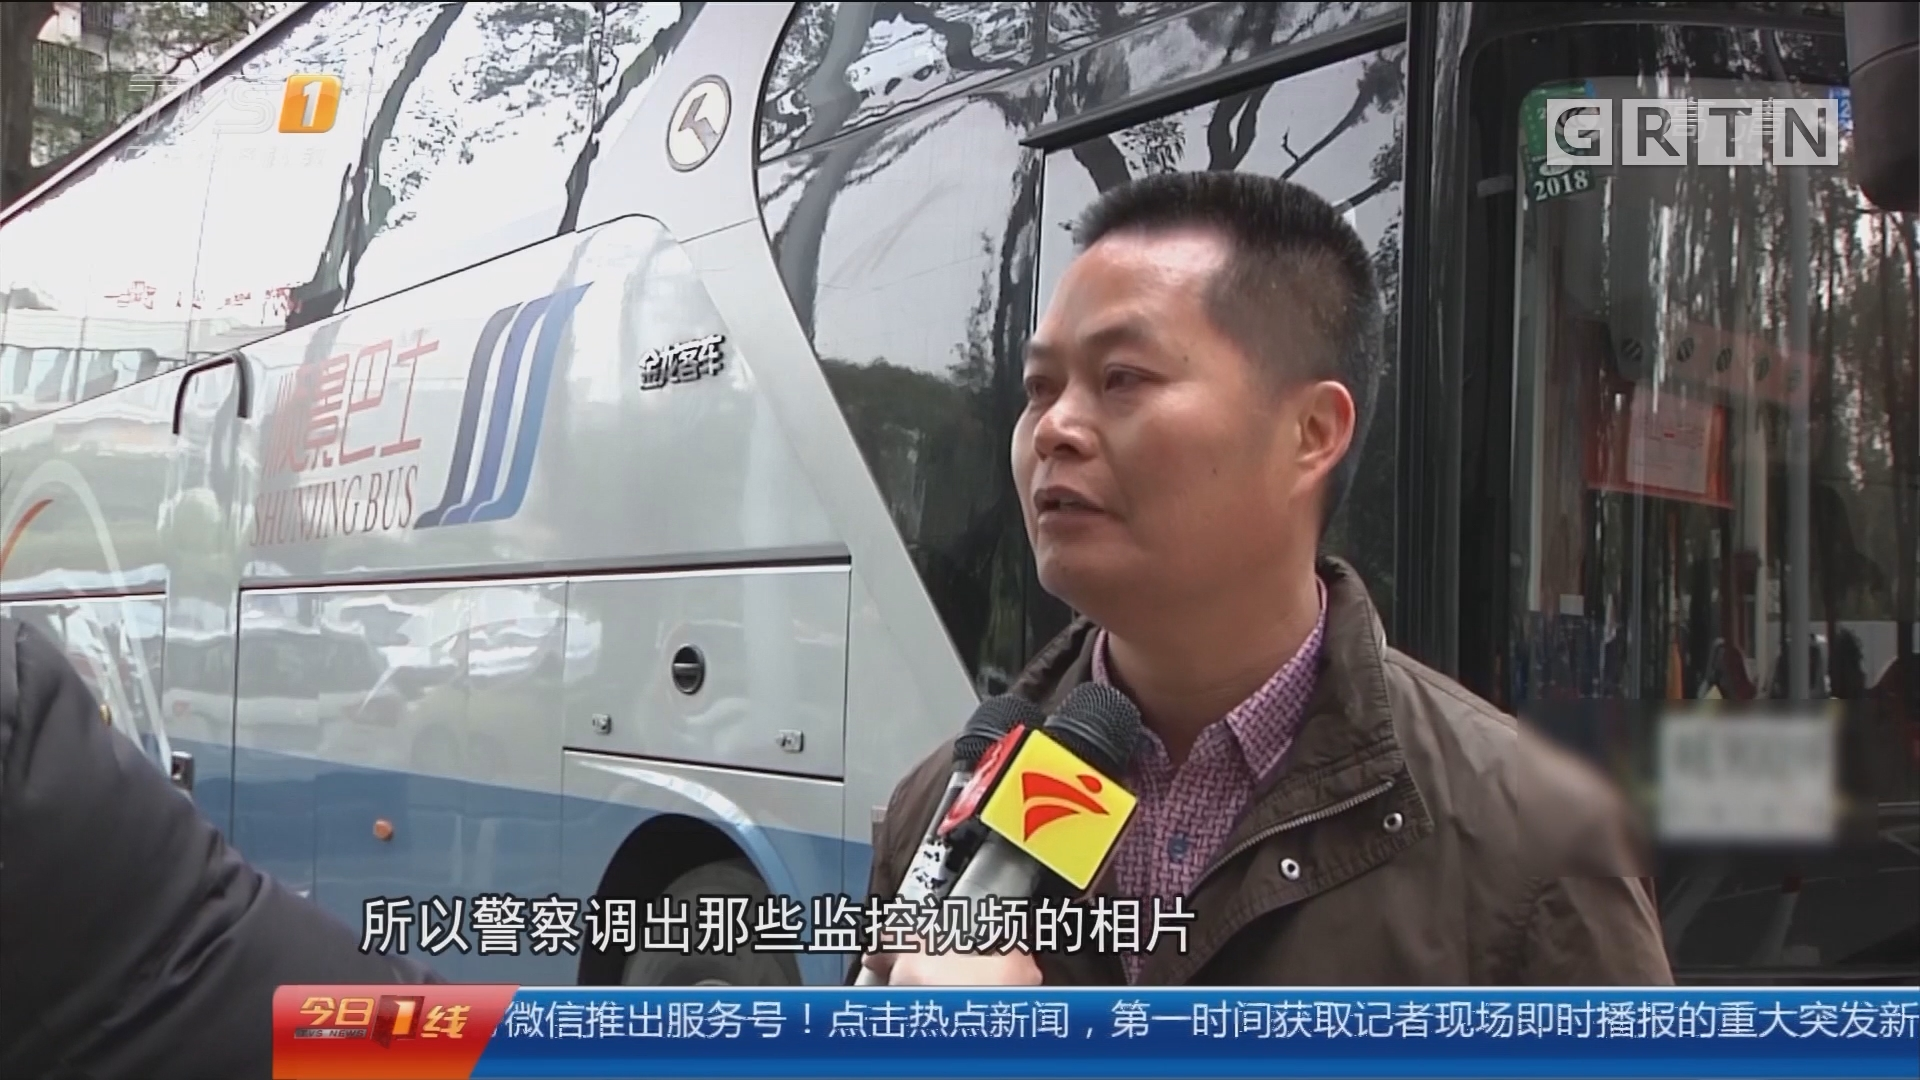 佛山:春运为揽活 男子竟偷大巴